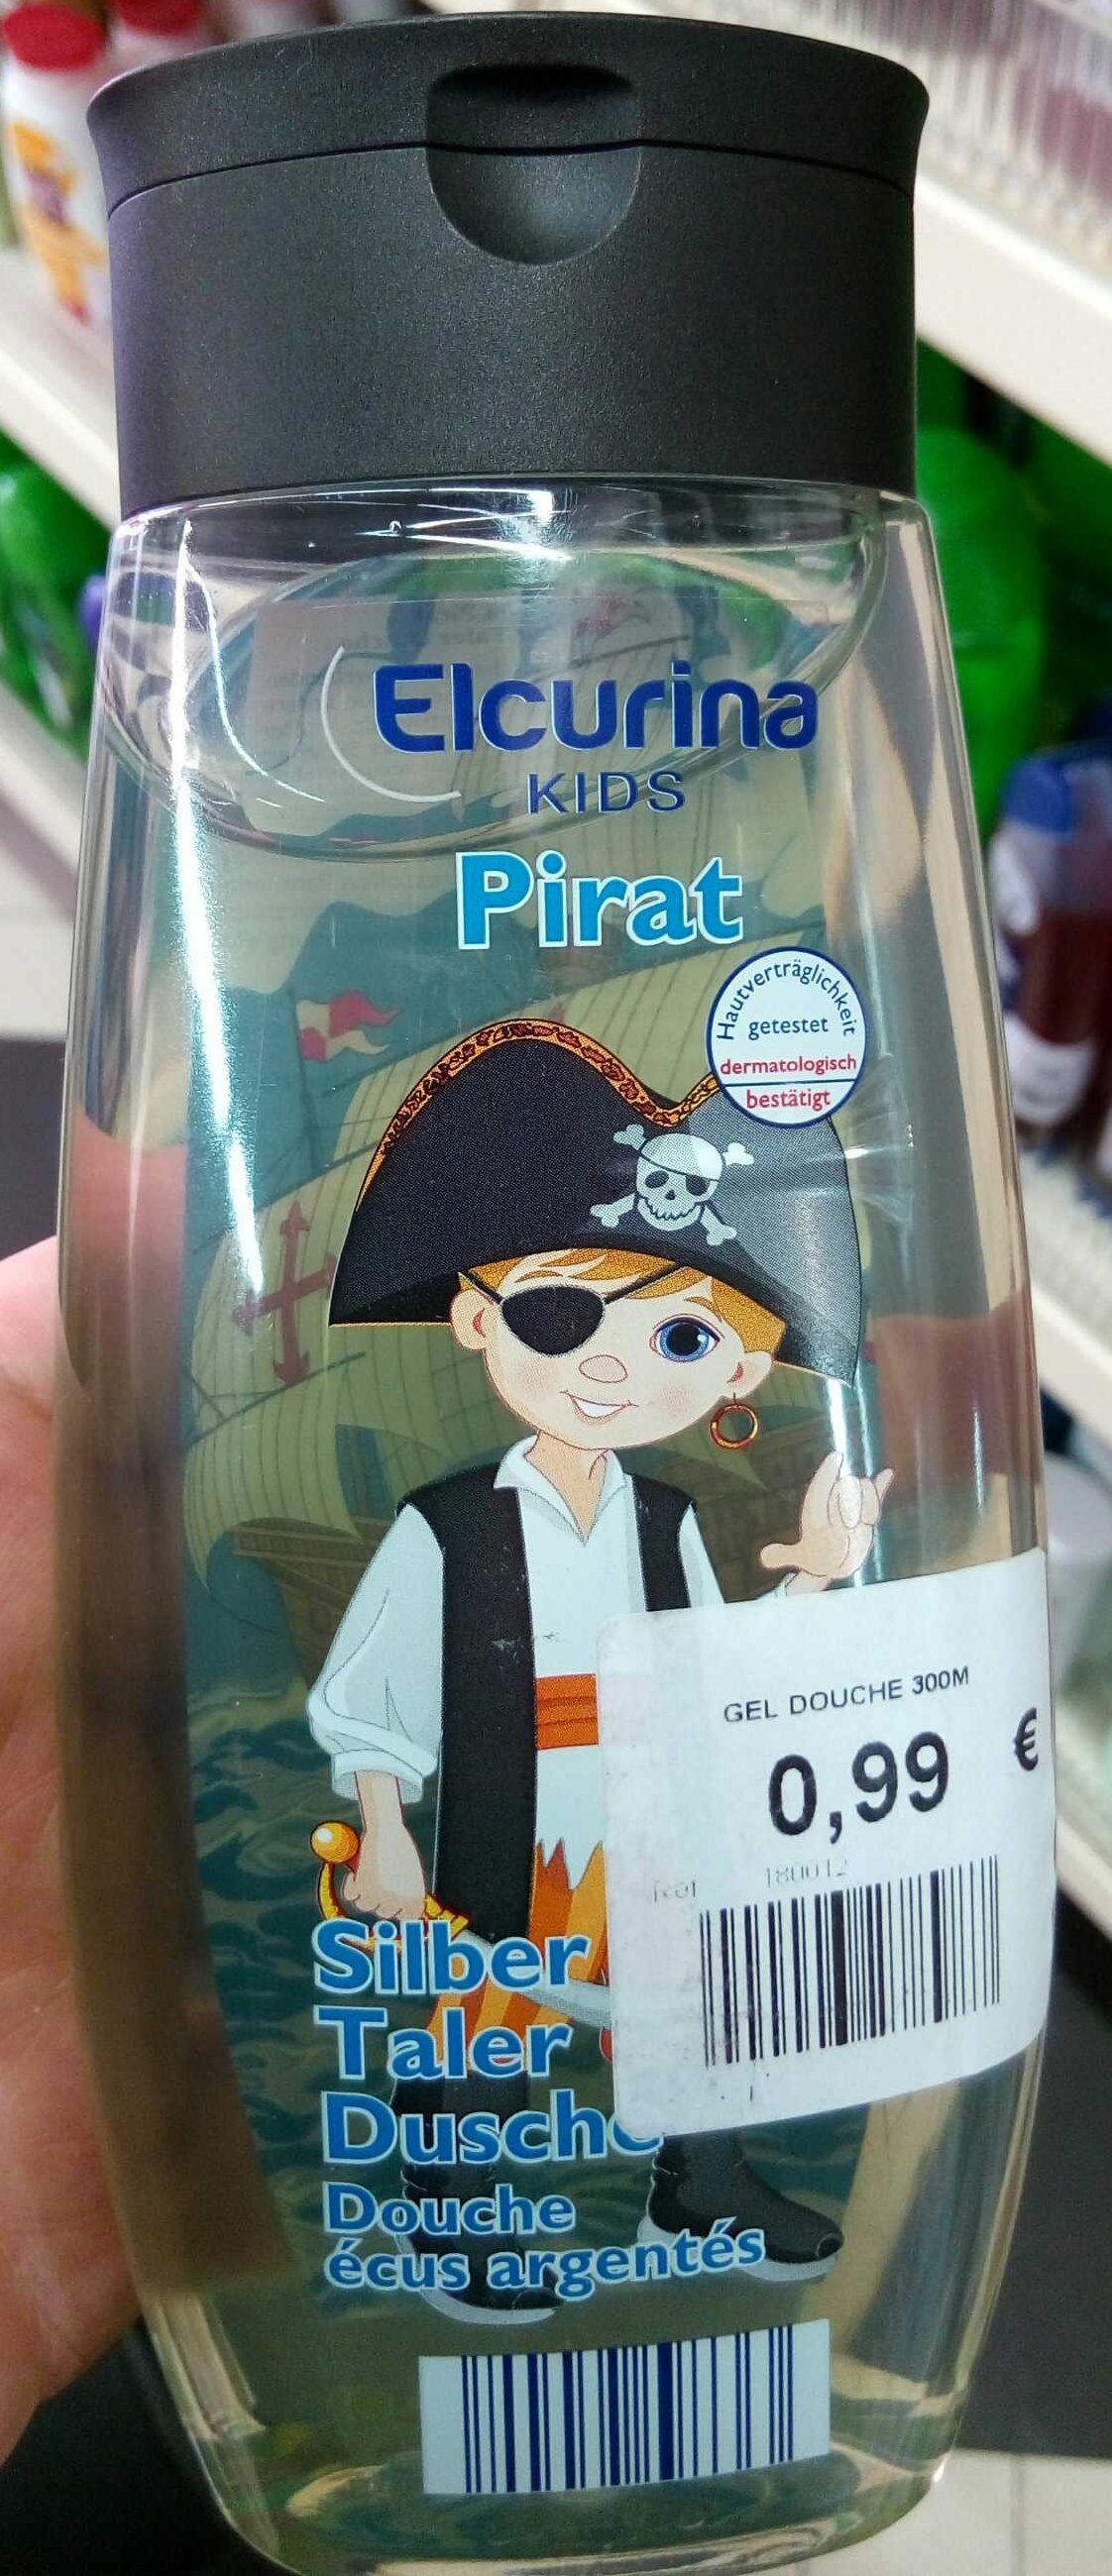 Pirat, douche écus argenté - Product - fr